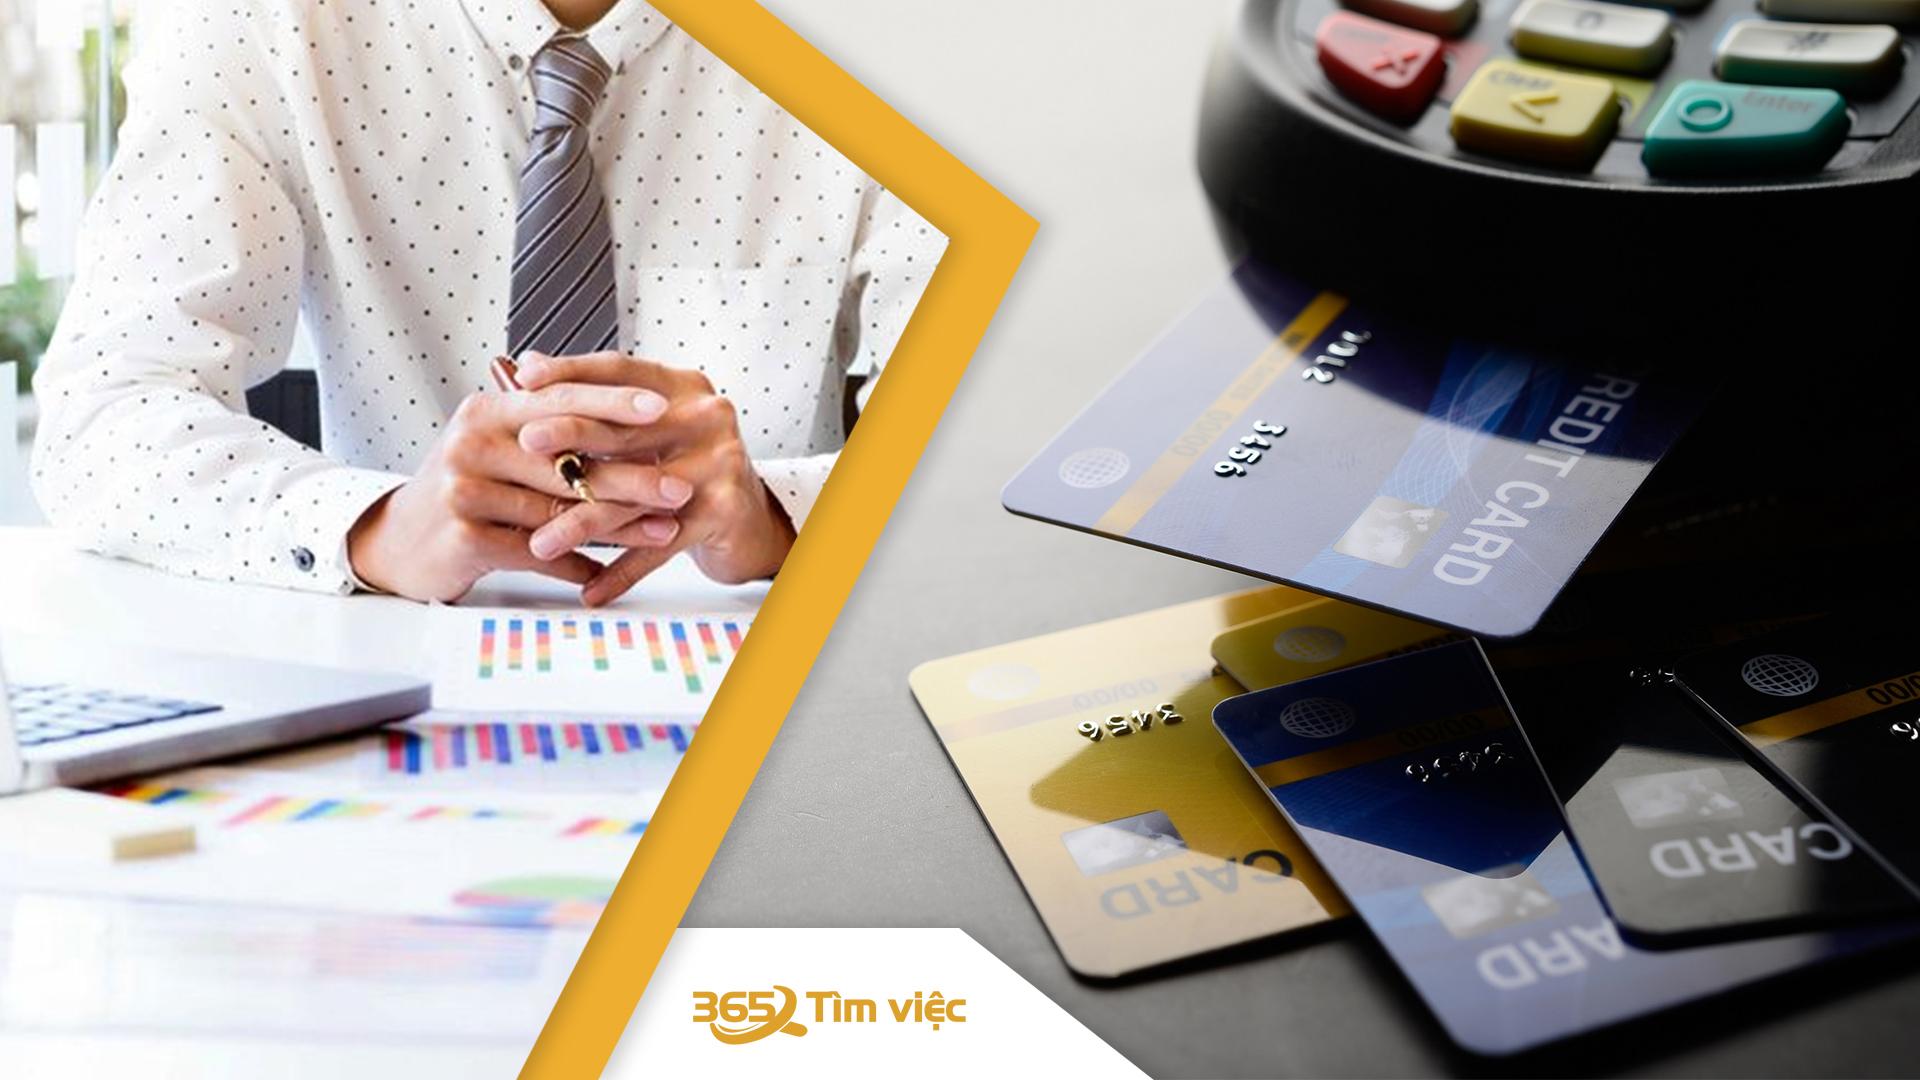 CV Vietcombank là gì?